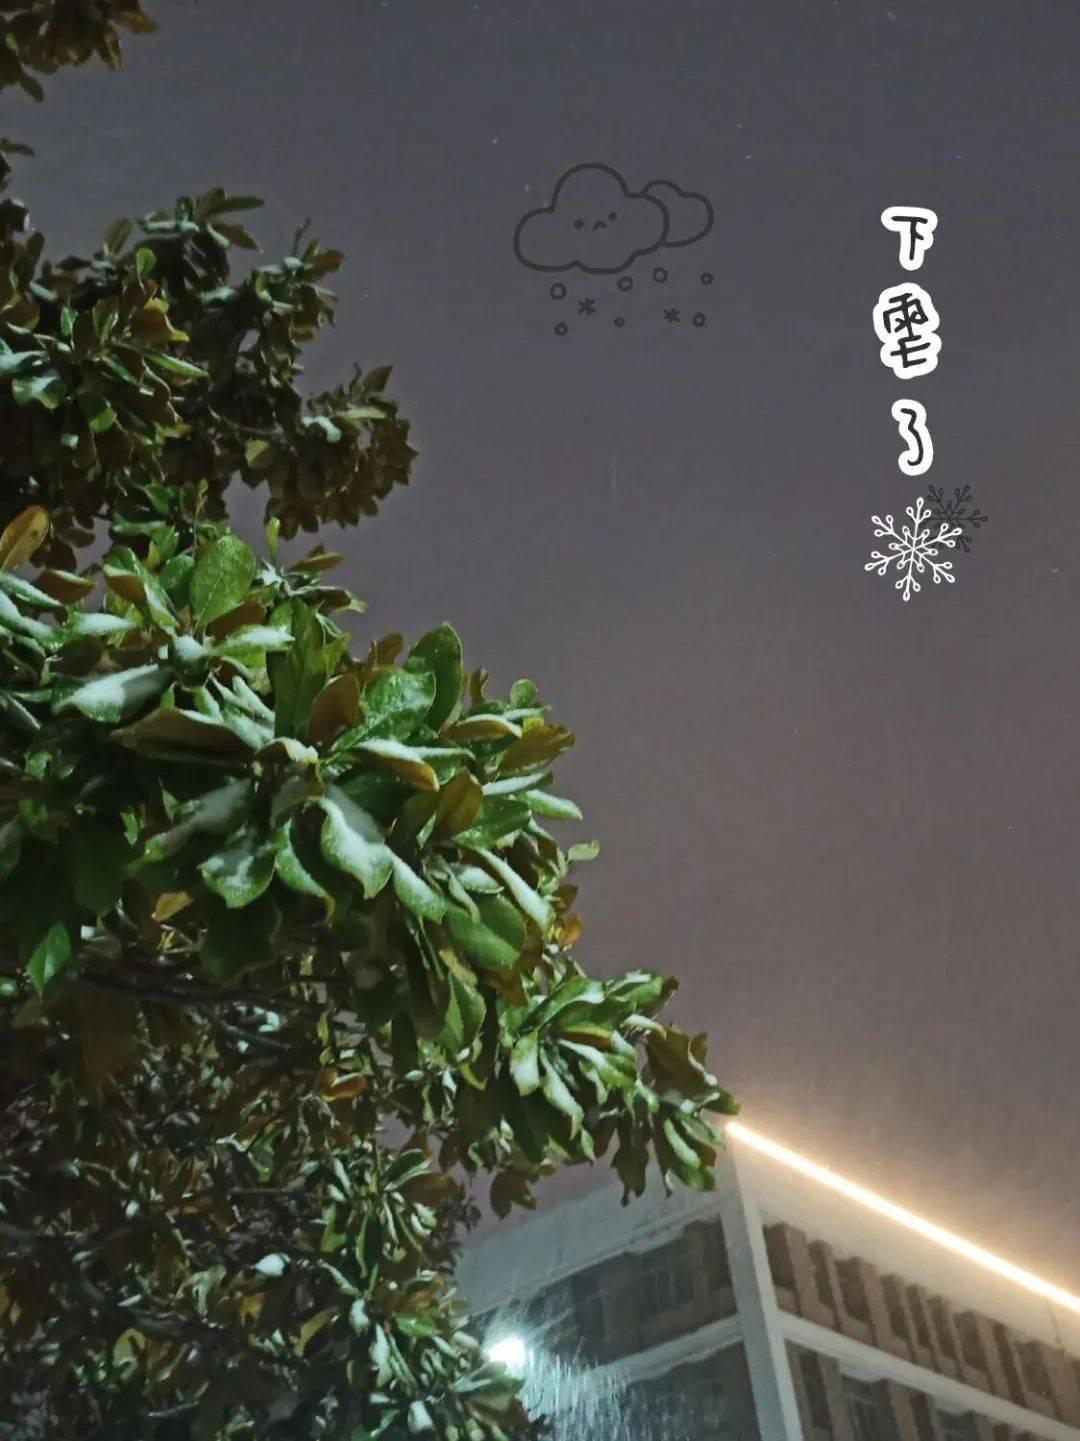 少年歌行苏暮雨图片